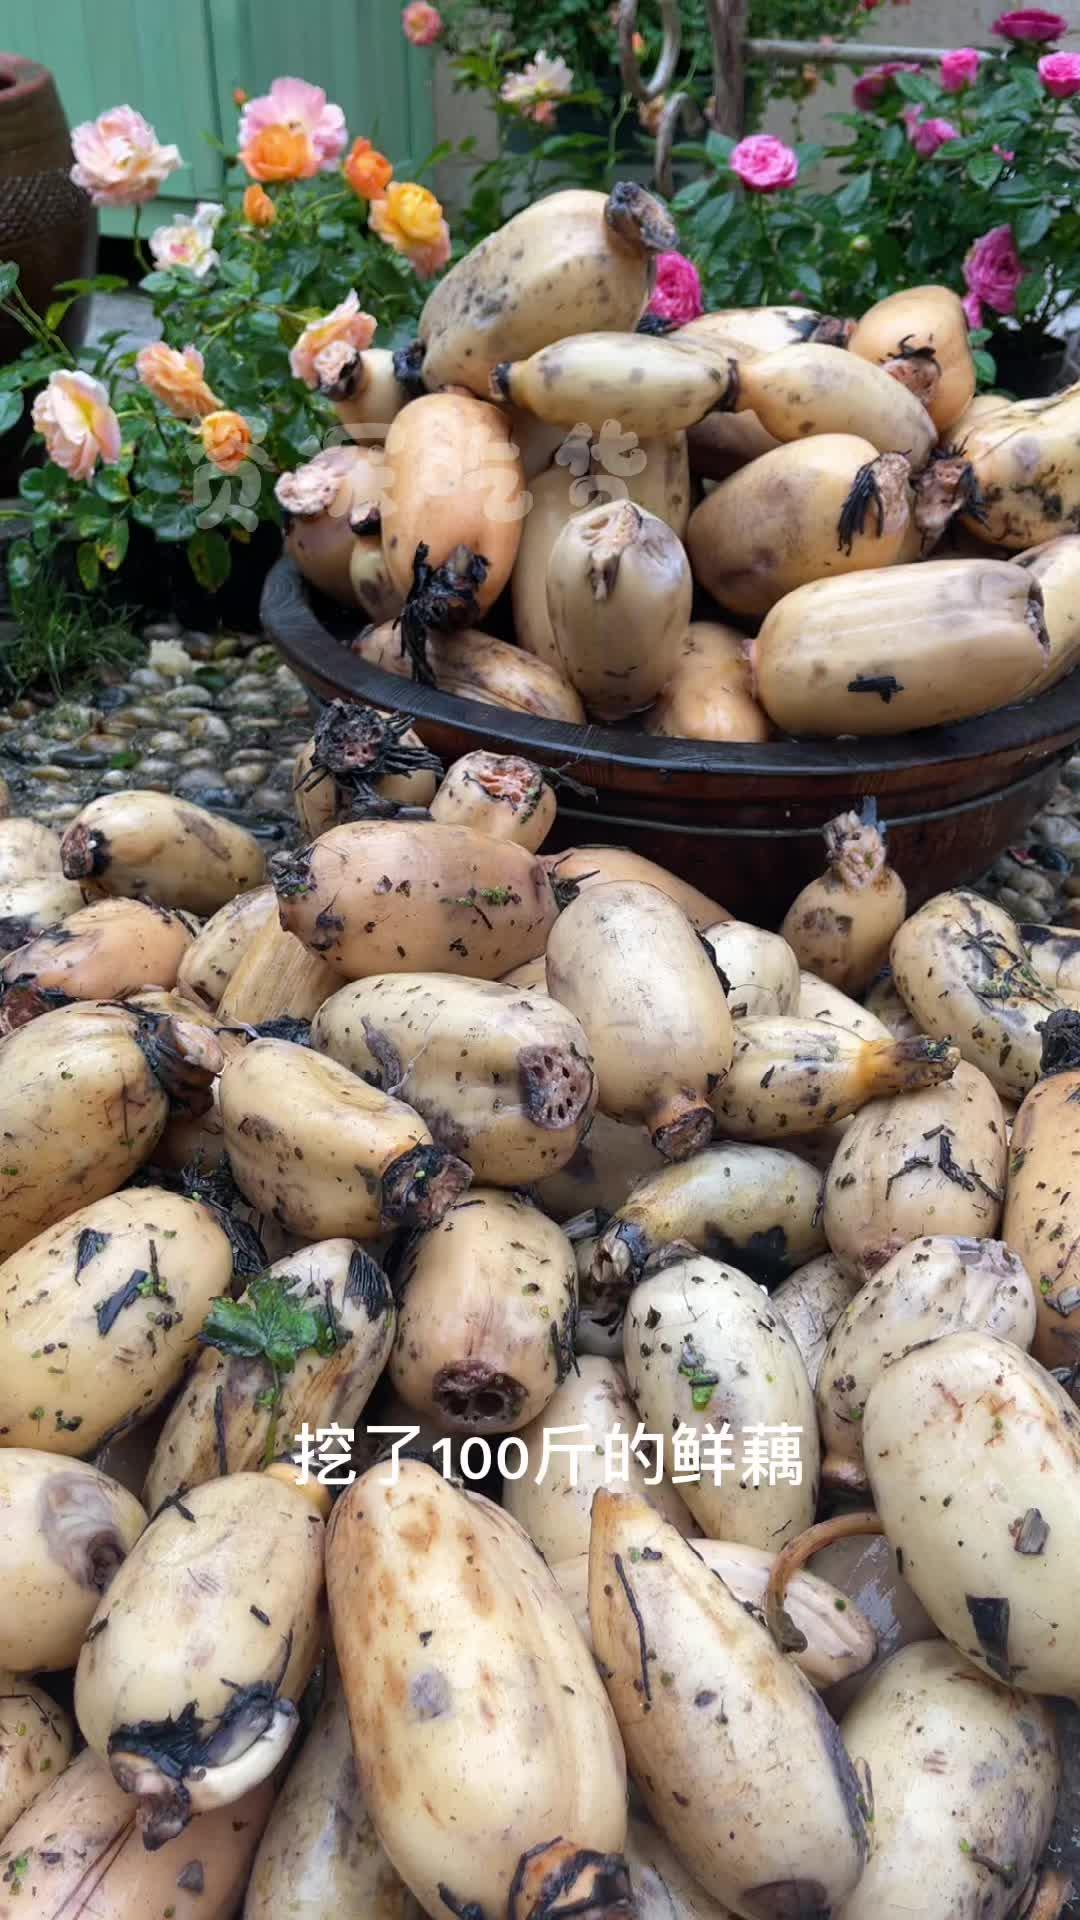 资深吃货: 做个天然的藕粉养生养生#花园生活  #藕粉